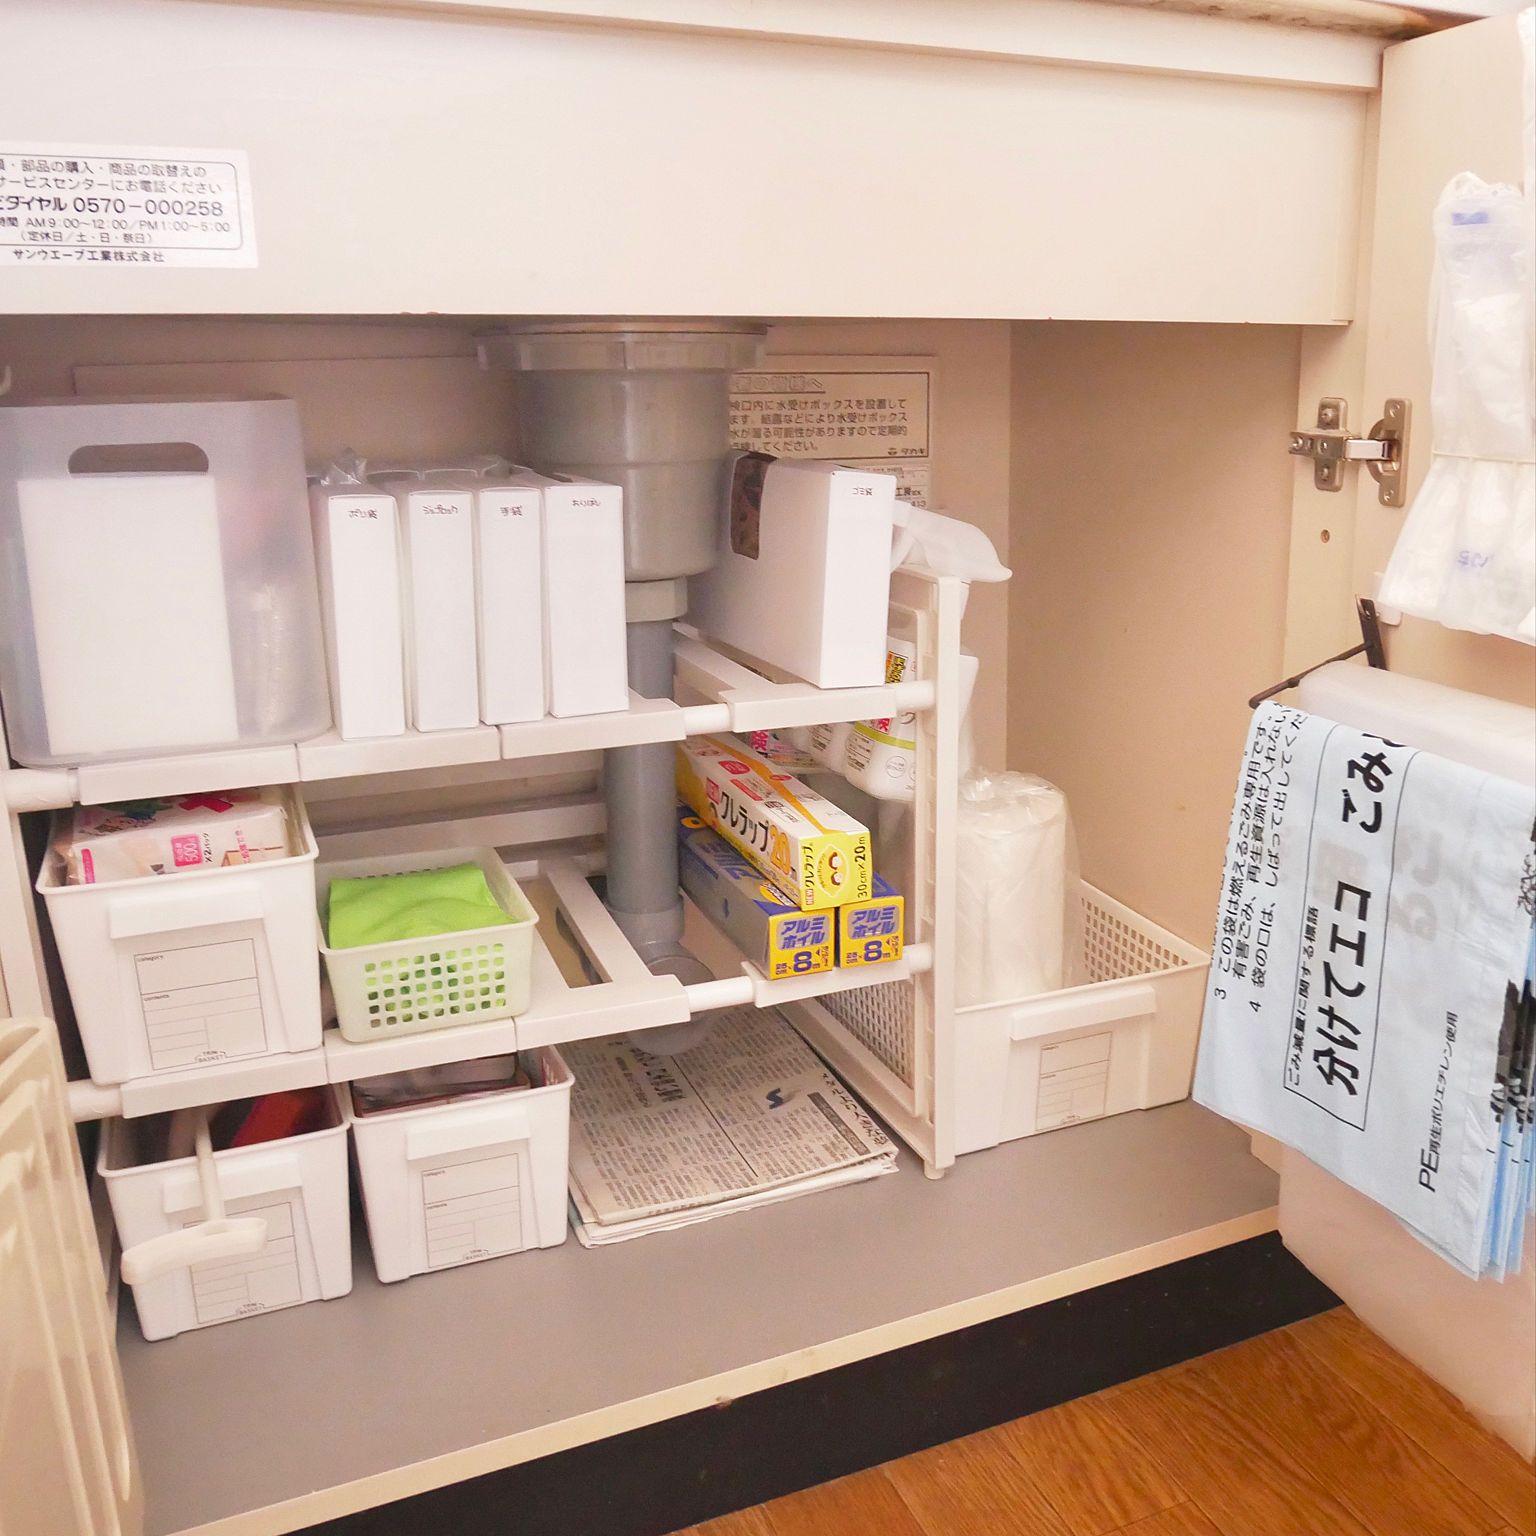 キッチン ゴミ袋収納 シンク下収納 2ldk 賃貸 などのインテリア実例